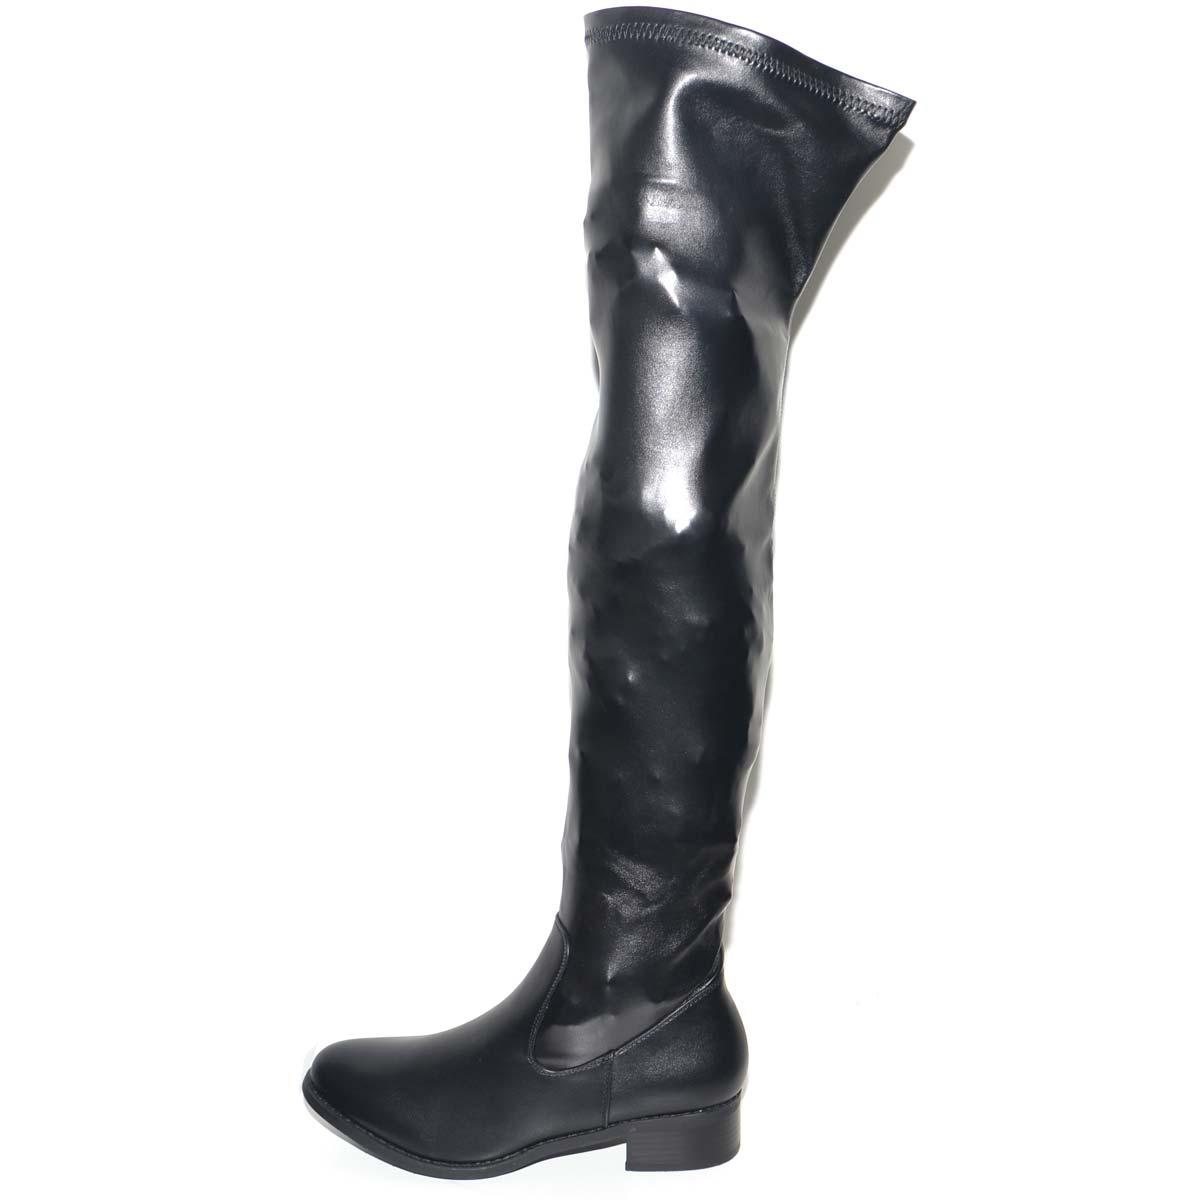 Stivali al ginocchio in ecopelle con tacco neri